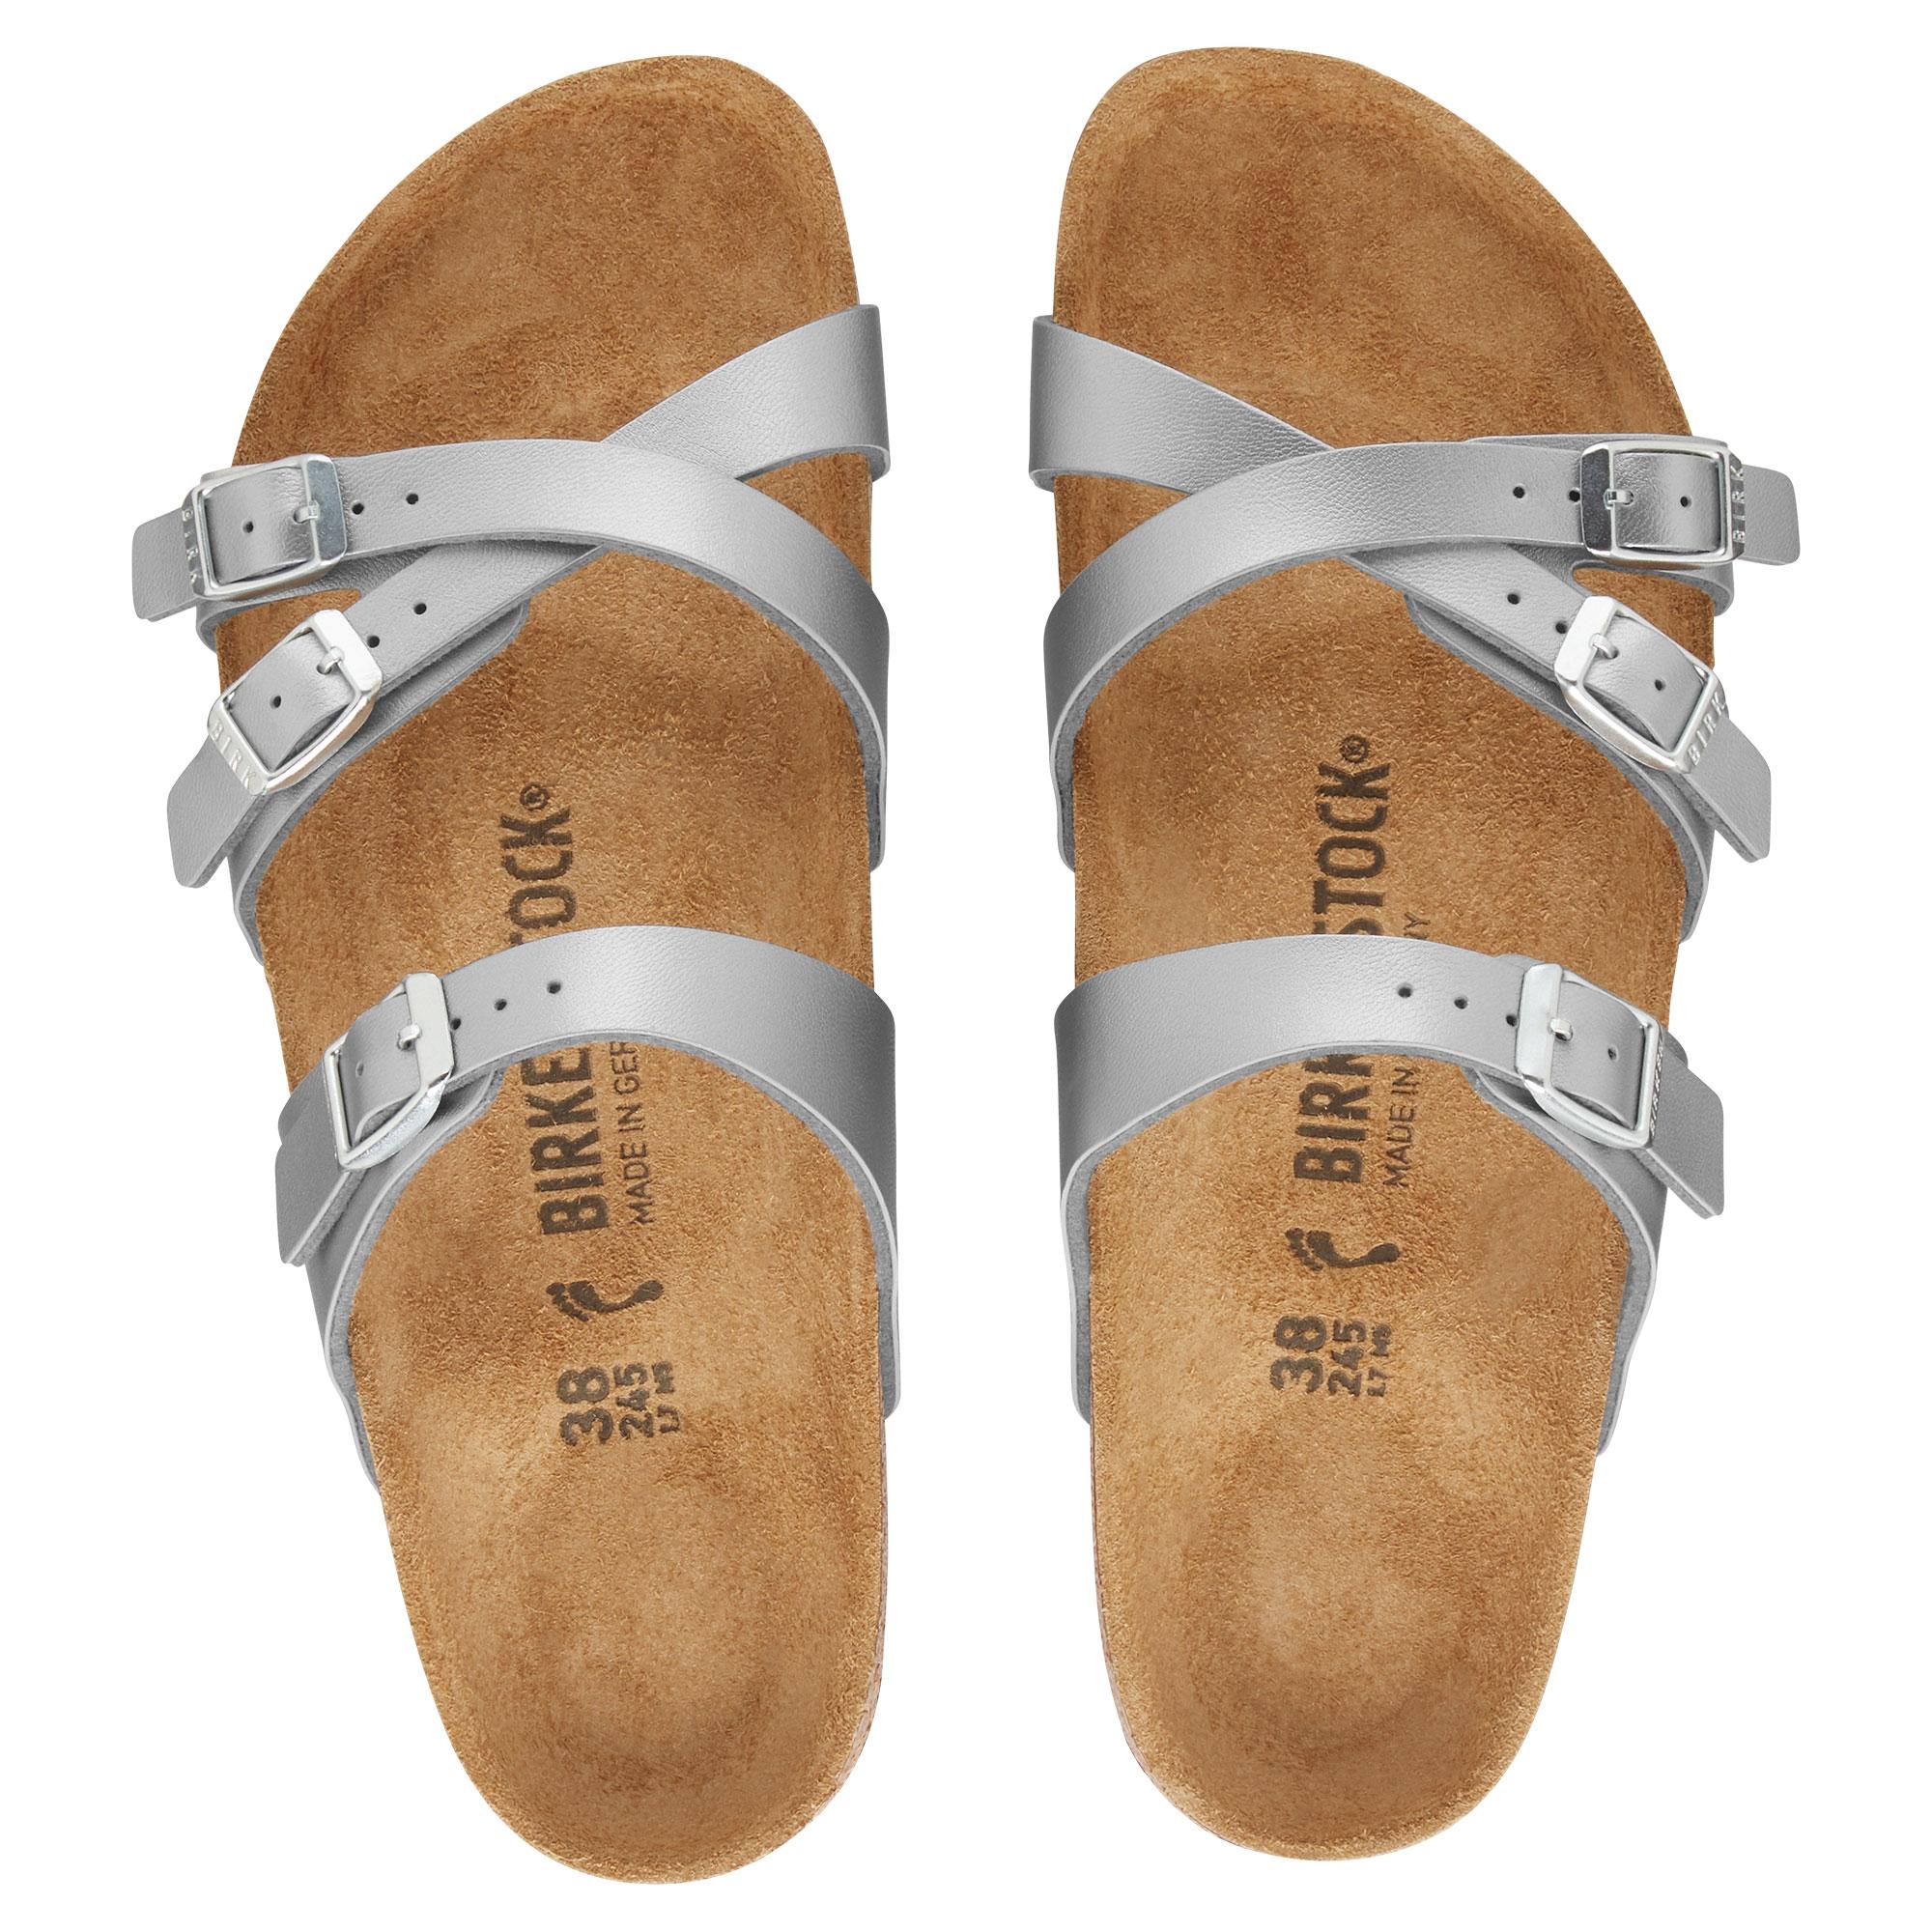 Дамски чехли от биркофлор Birkenstock Franca сребрист цвят - снимка 3